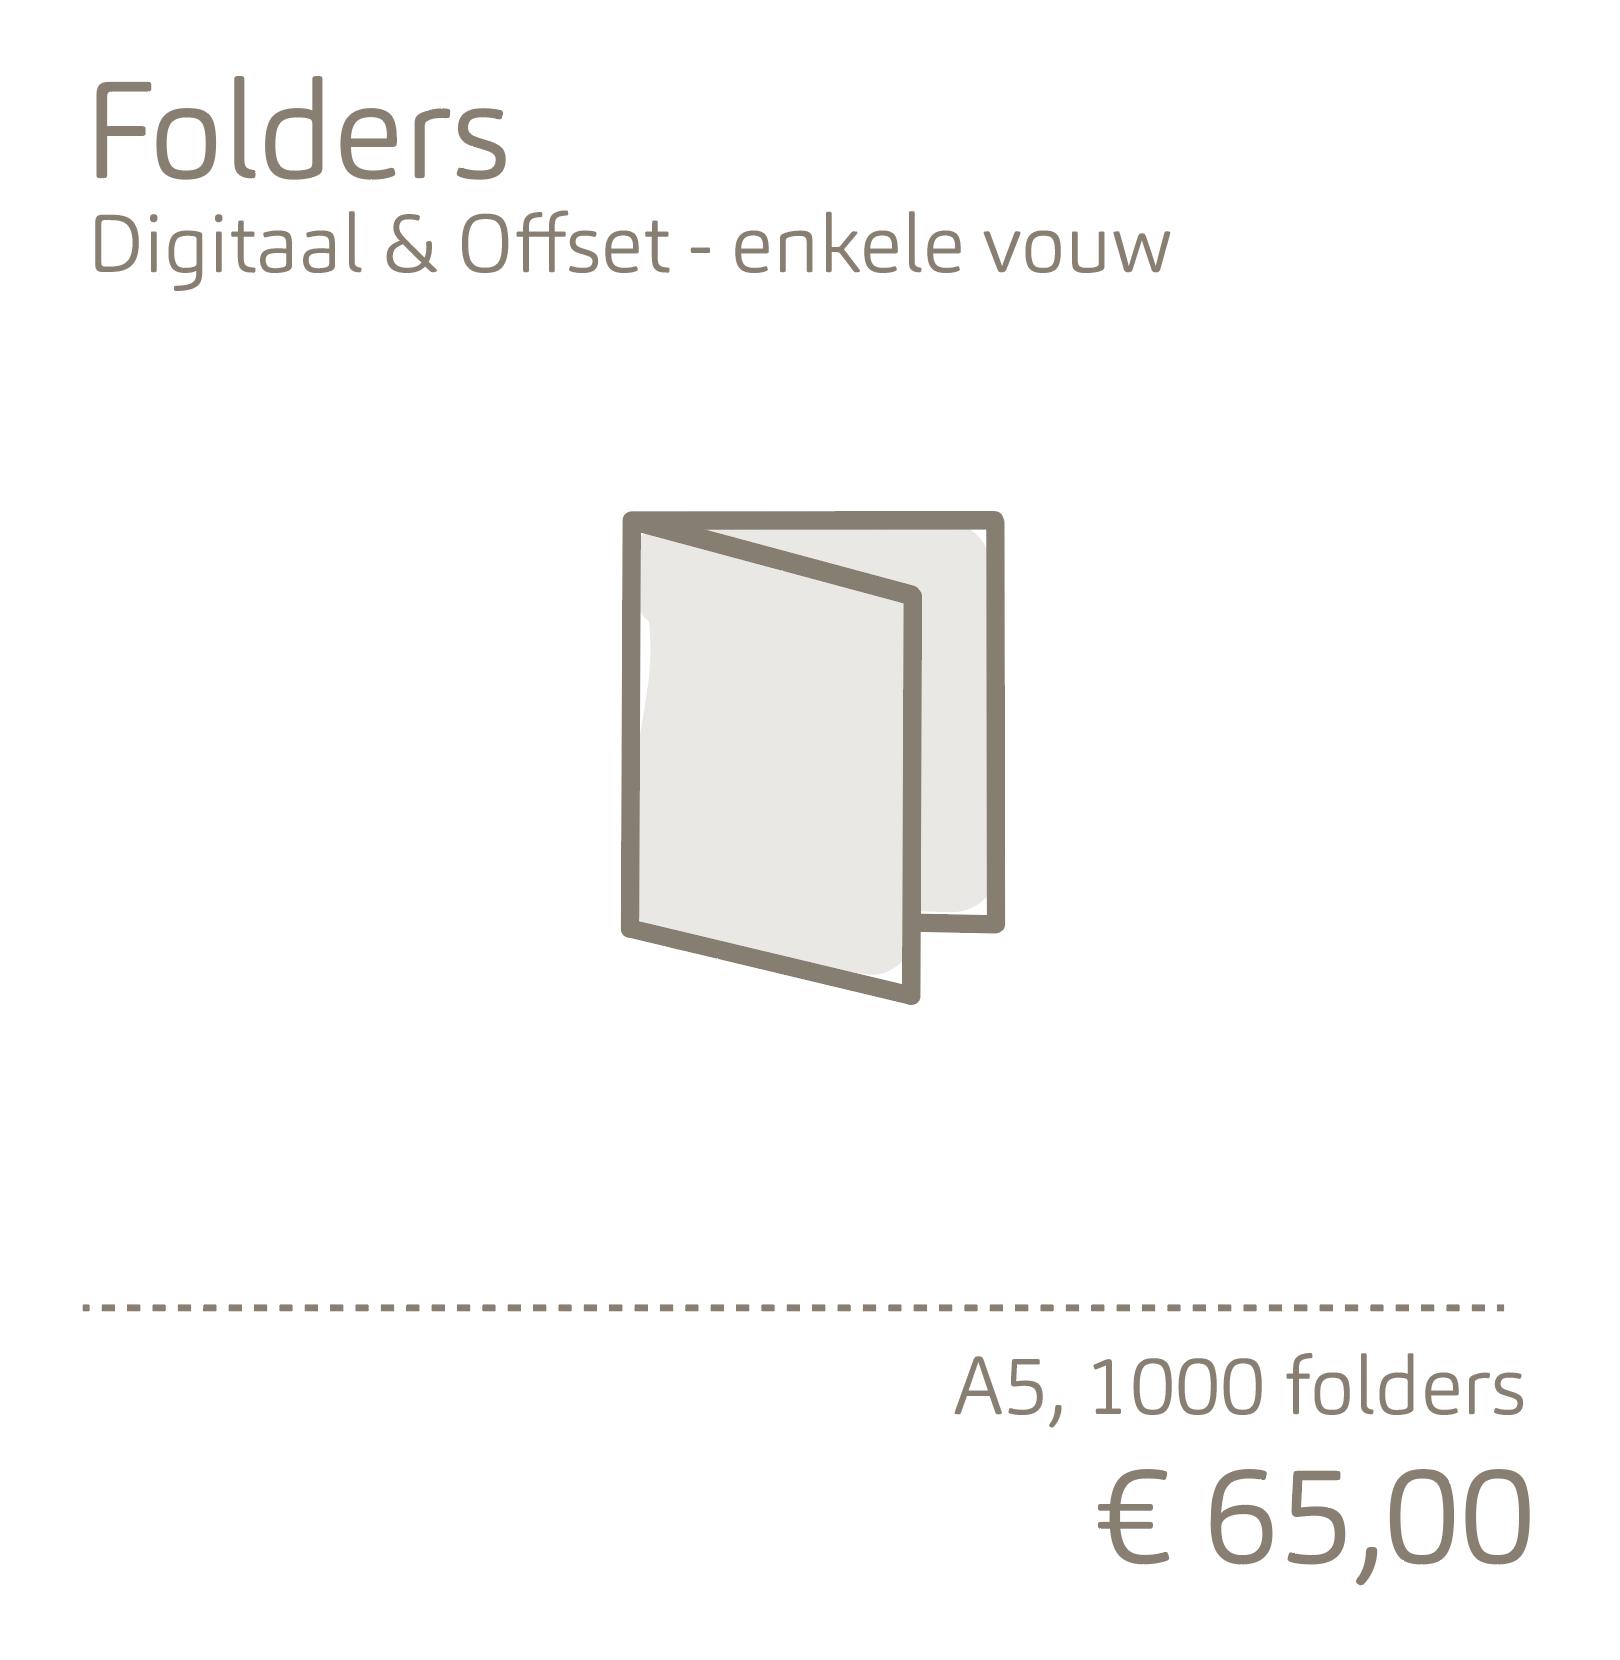 Folders-enkele vouw